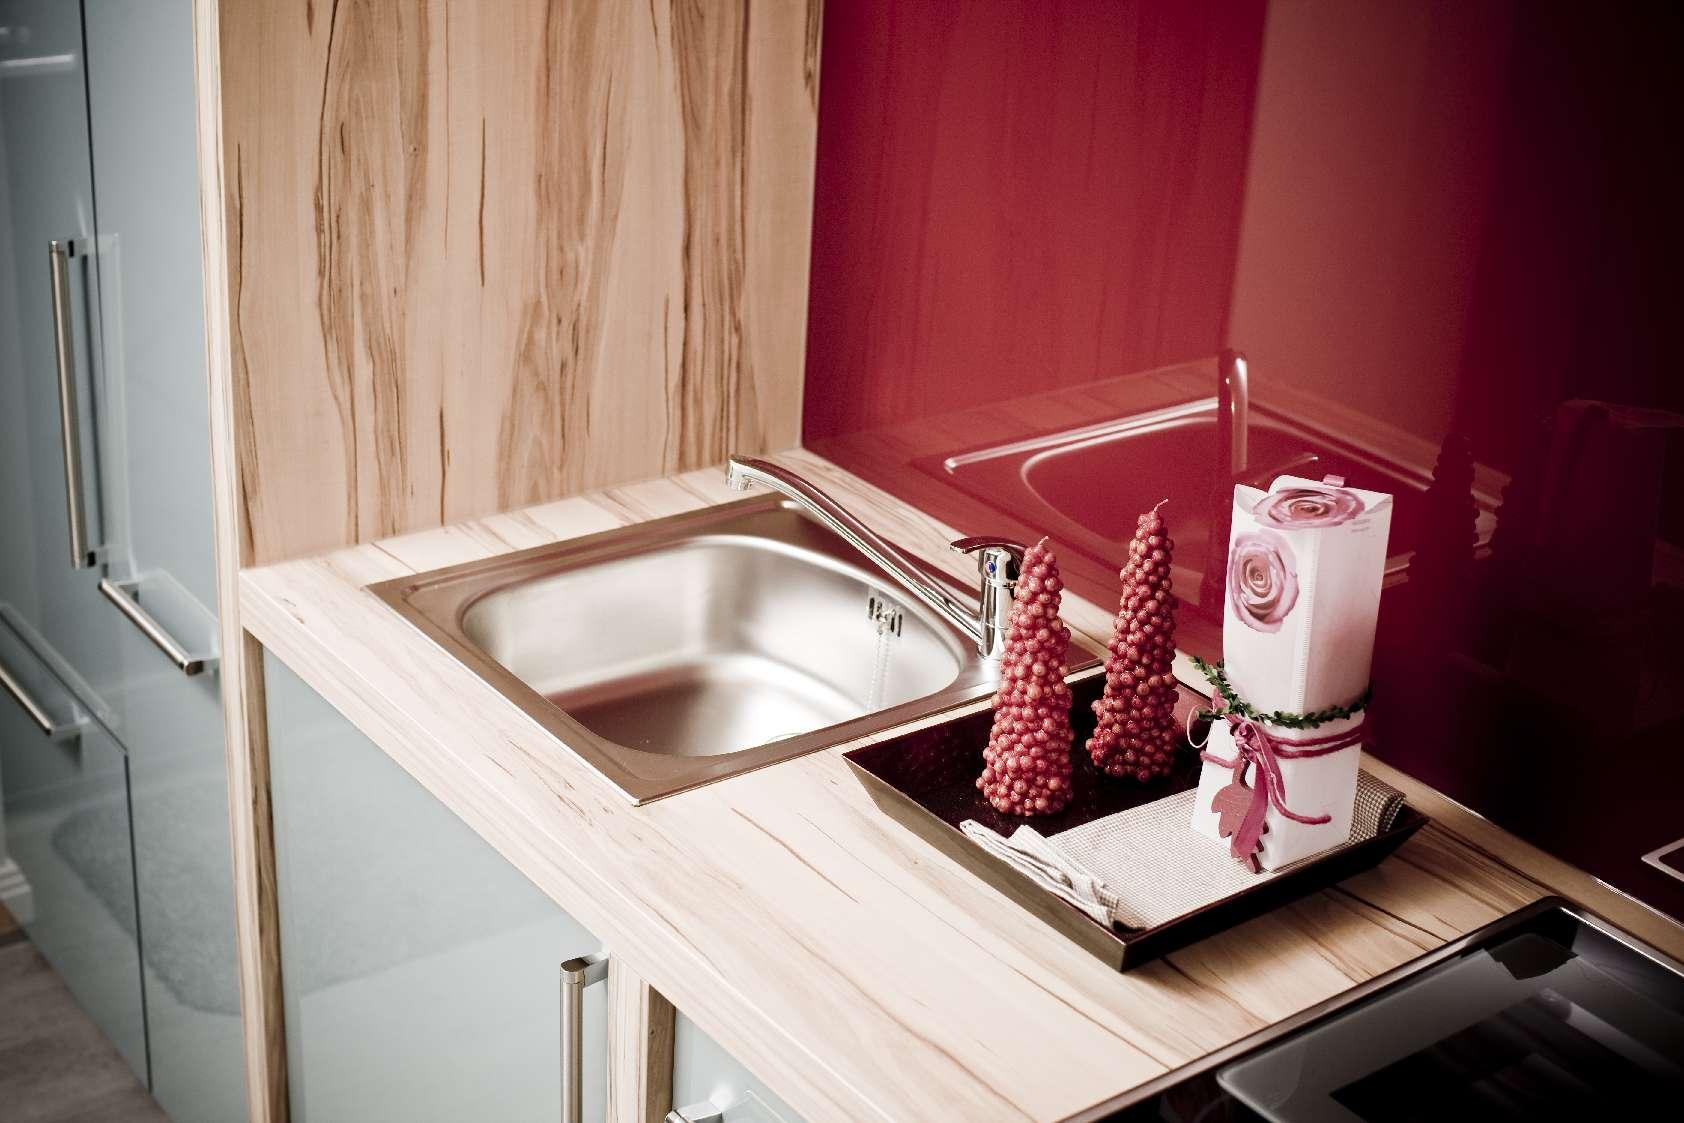 Einbauküche Speckemeyer integrierte Spüle